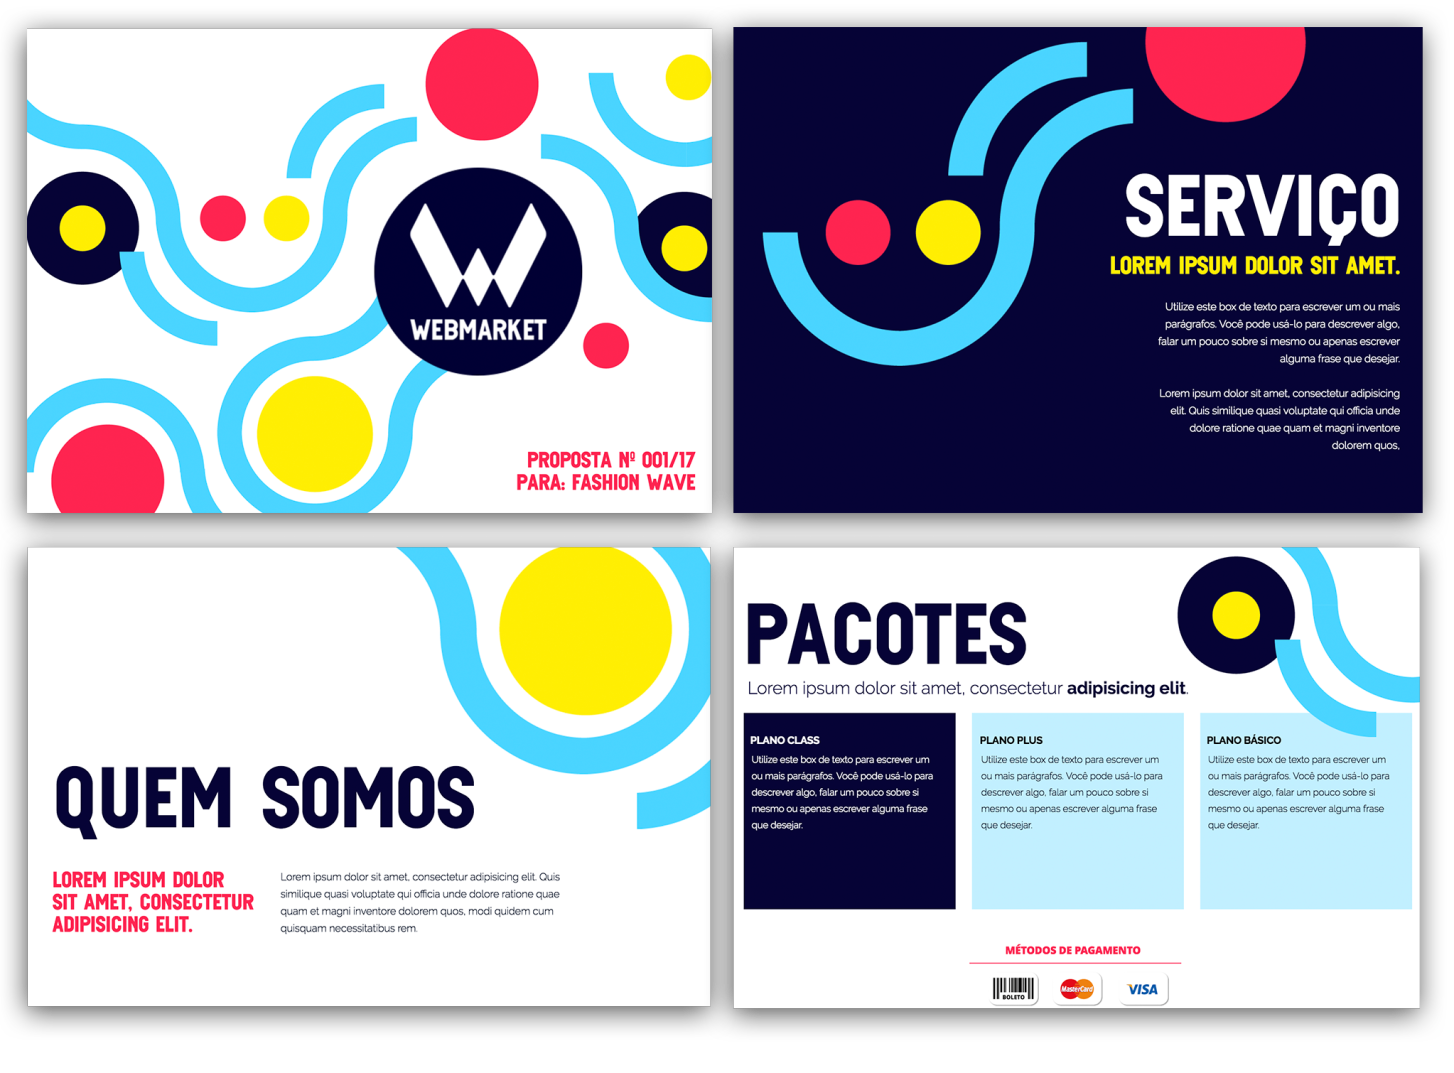 market proposal - Proposta de prestação de serviços : 10 formatos e modelos que fecham vendas